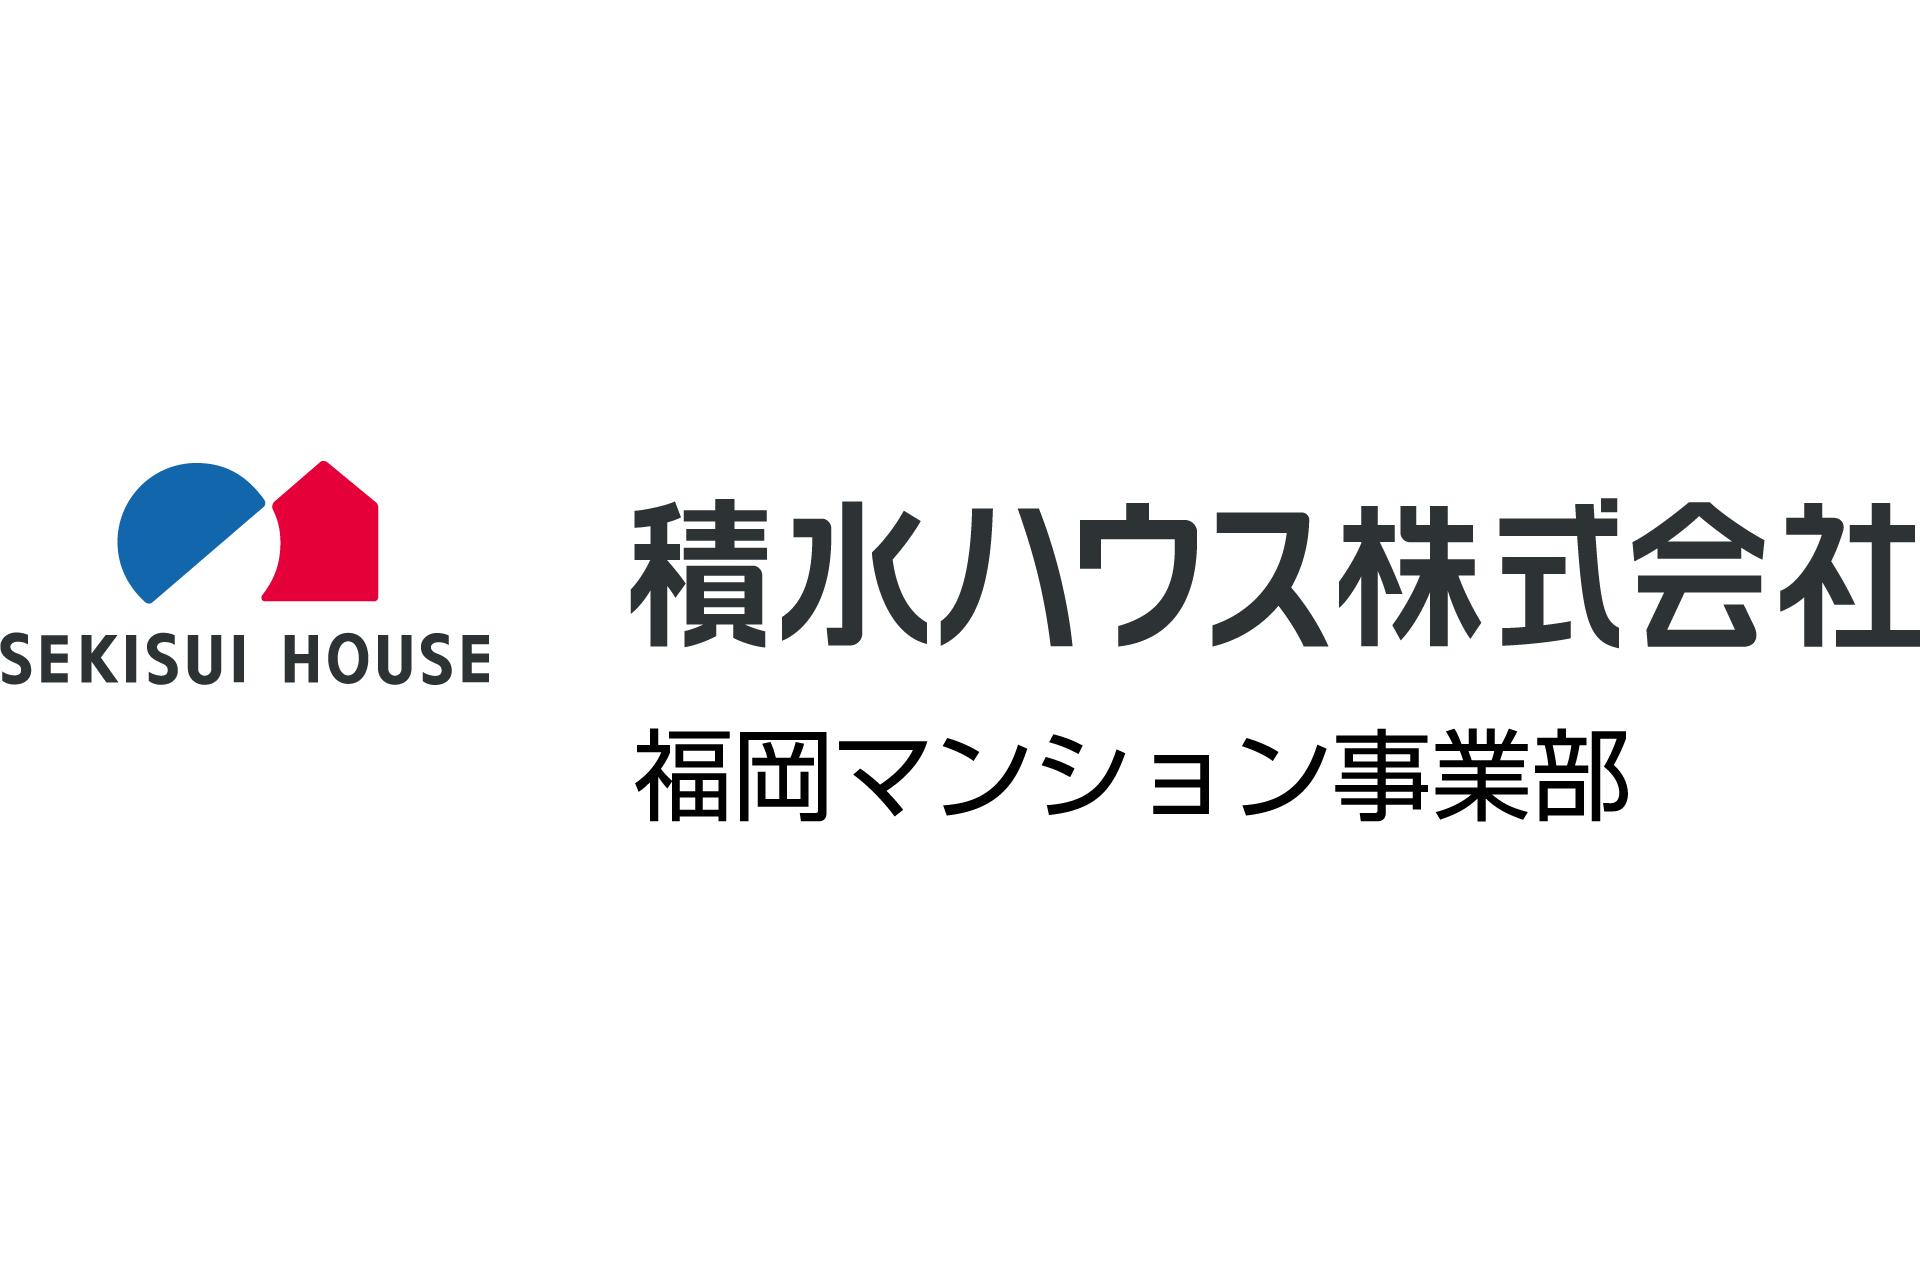 積水ハウス株式会社 福岡マンション事業部